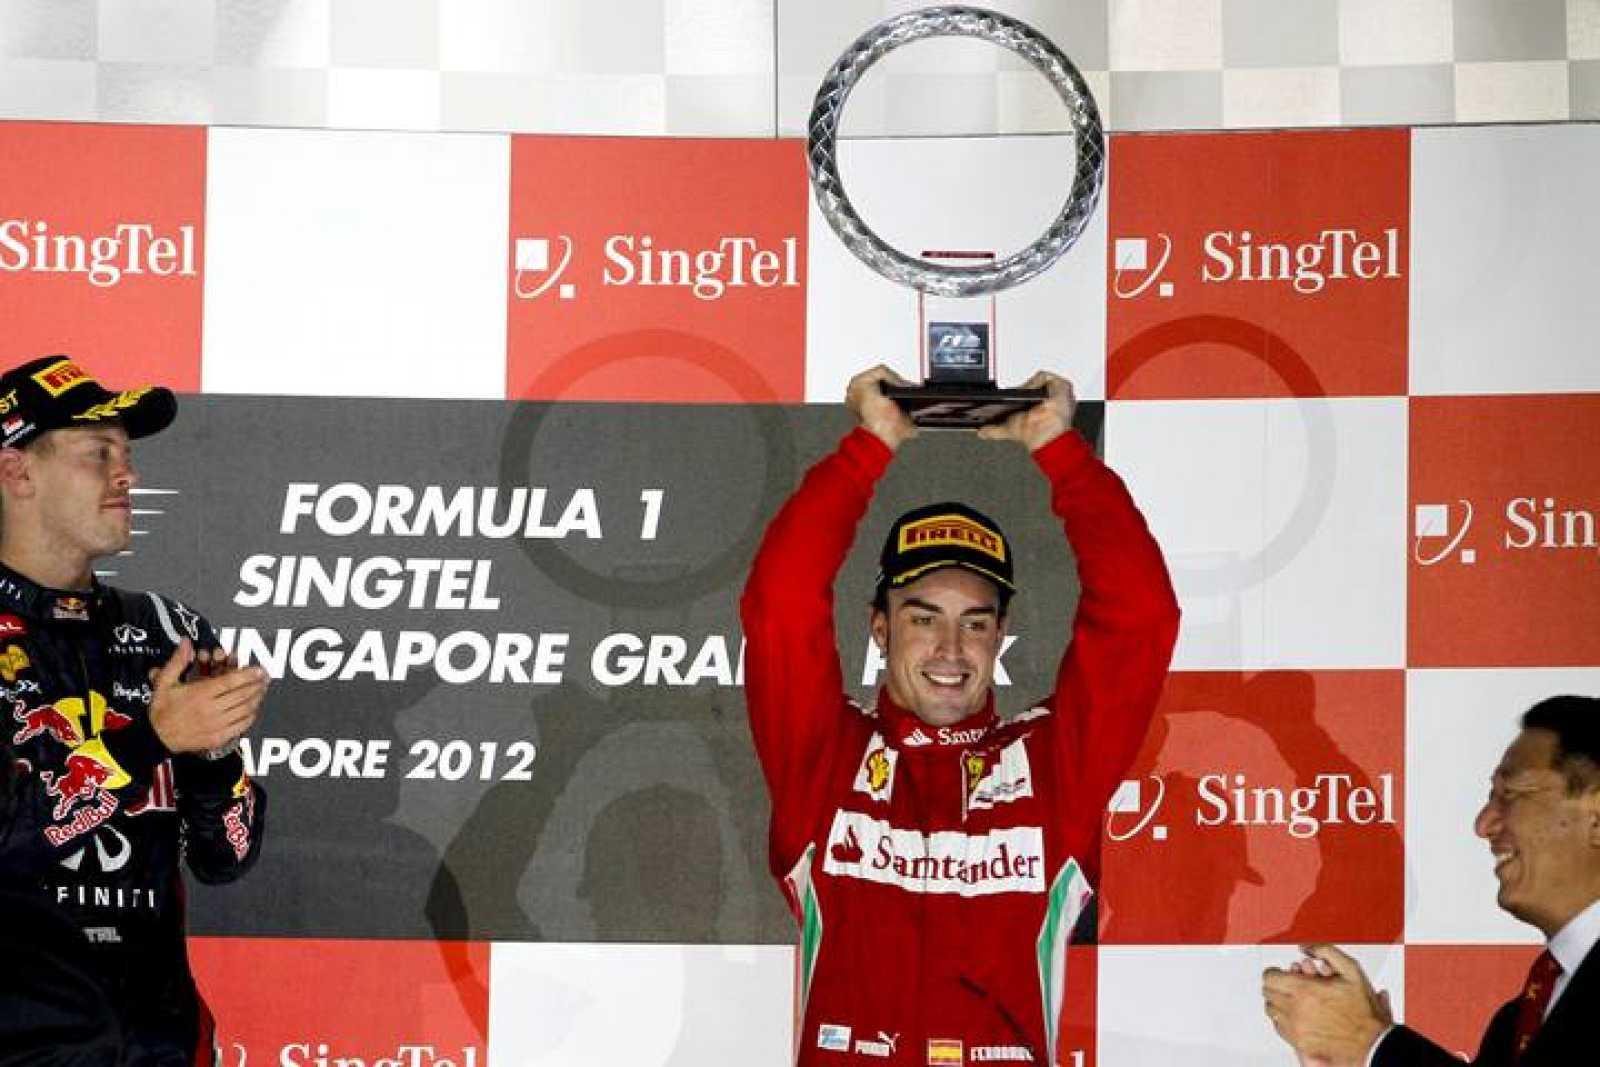 El piloto español de Fórmula Uno Fernando Alonso sostiene su trofeo después de finalizar en tercera posición en el Gran Premio de Singapur.